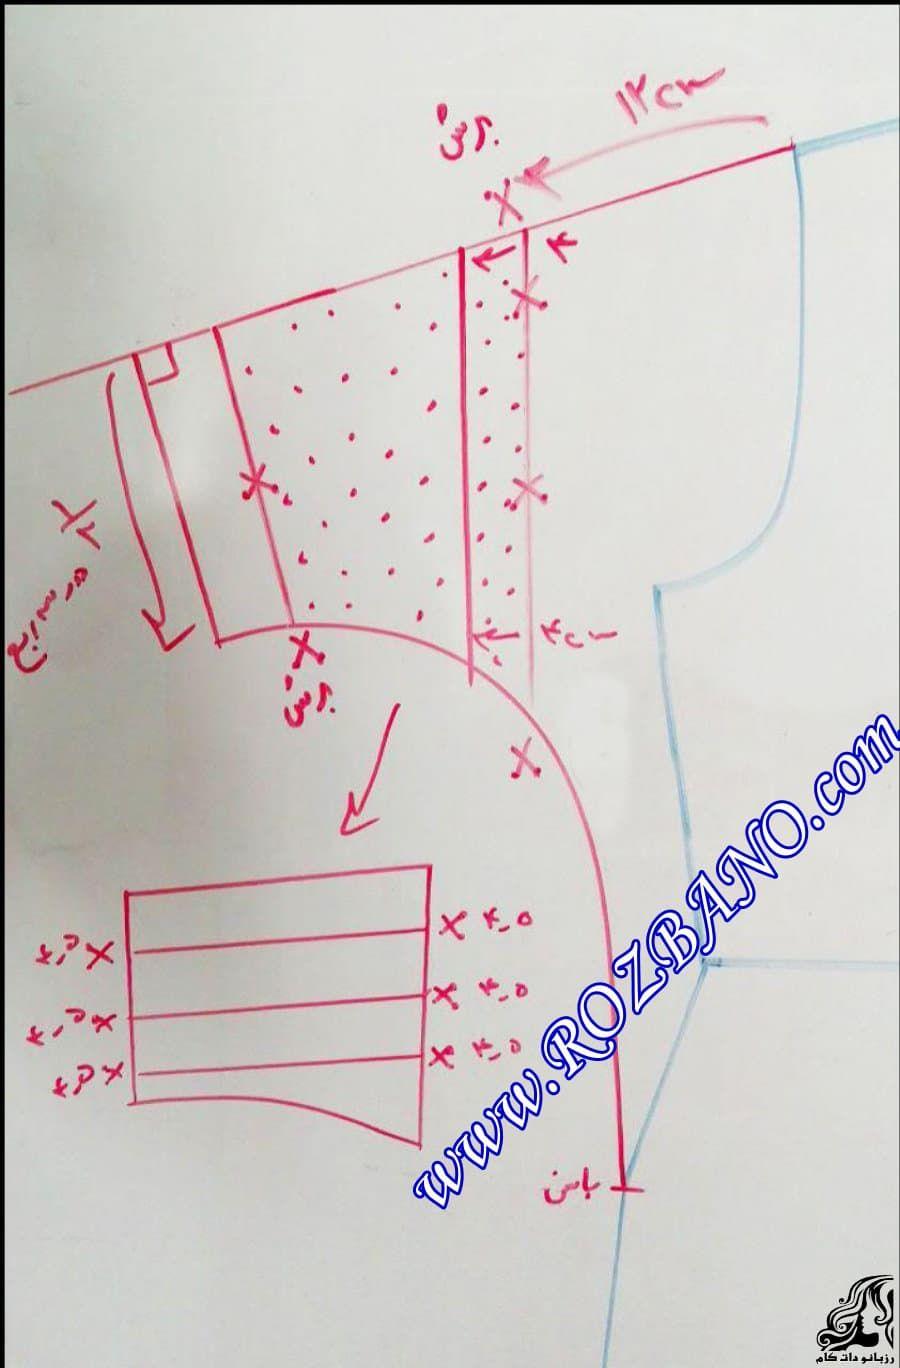 آموزش رسم الگو خیاطی مانتو جلو باز مدل ثنا نکات ترسیم الگوی مانتو Diy Sewing Clothes Fashion Sewing Sewing Clothes